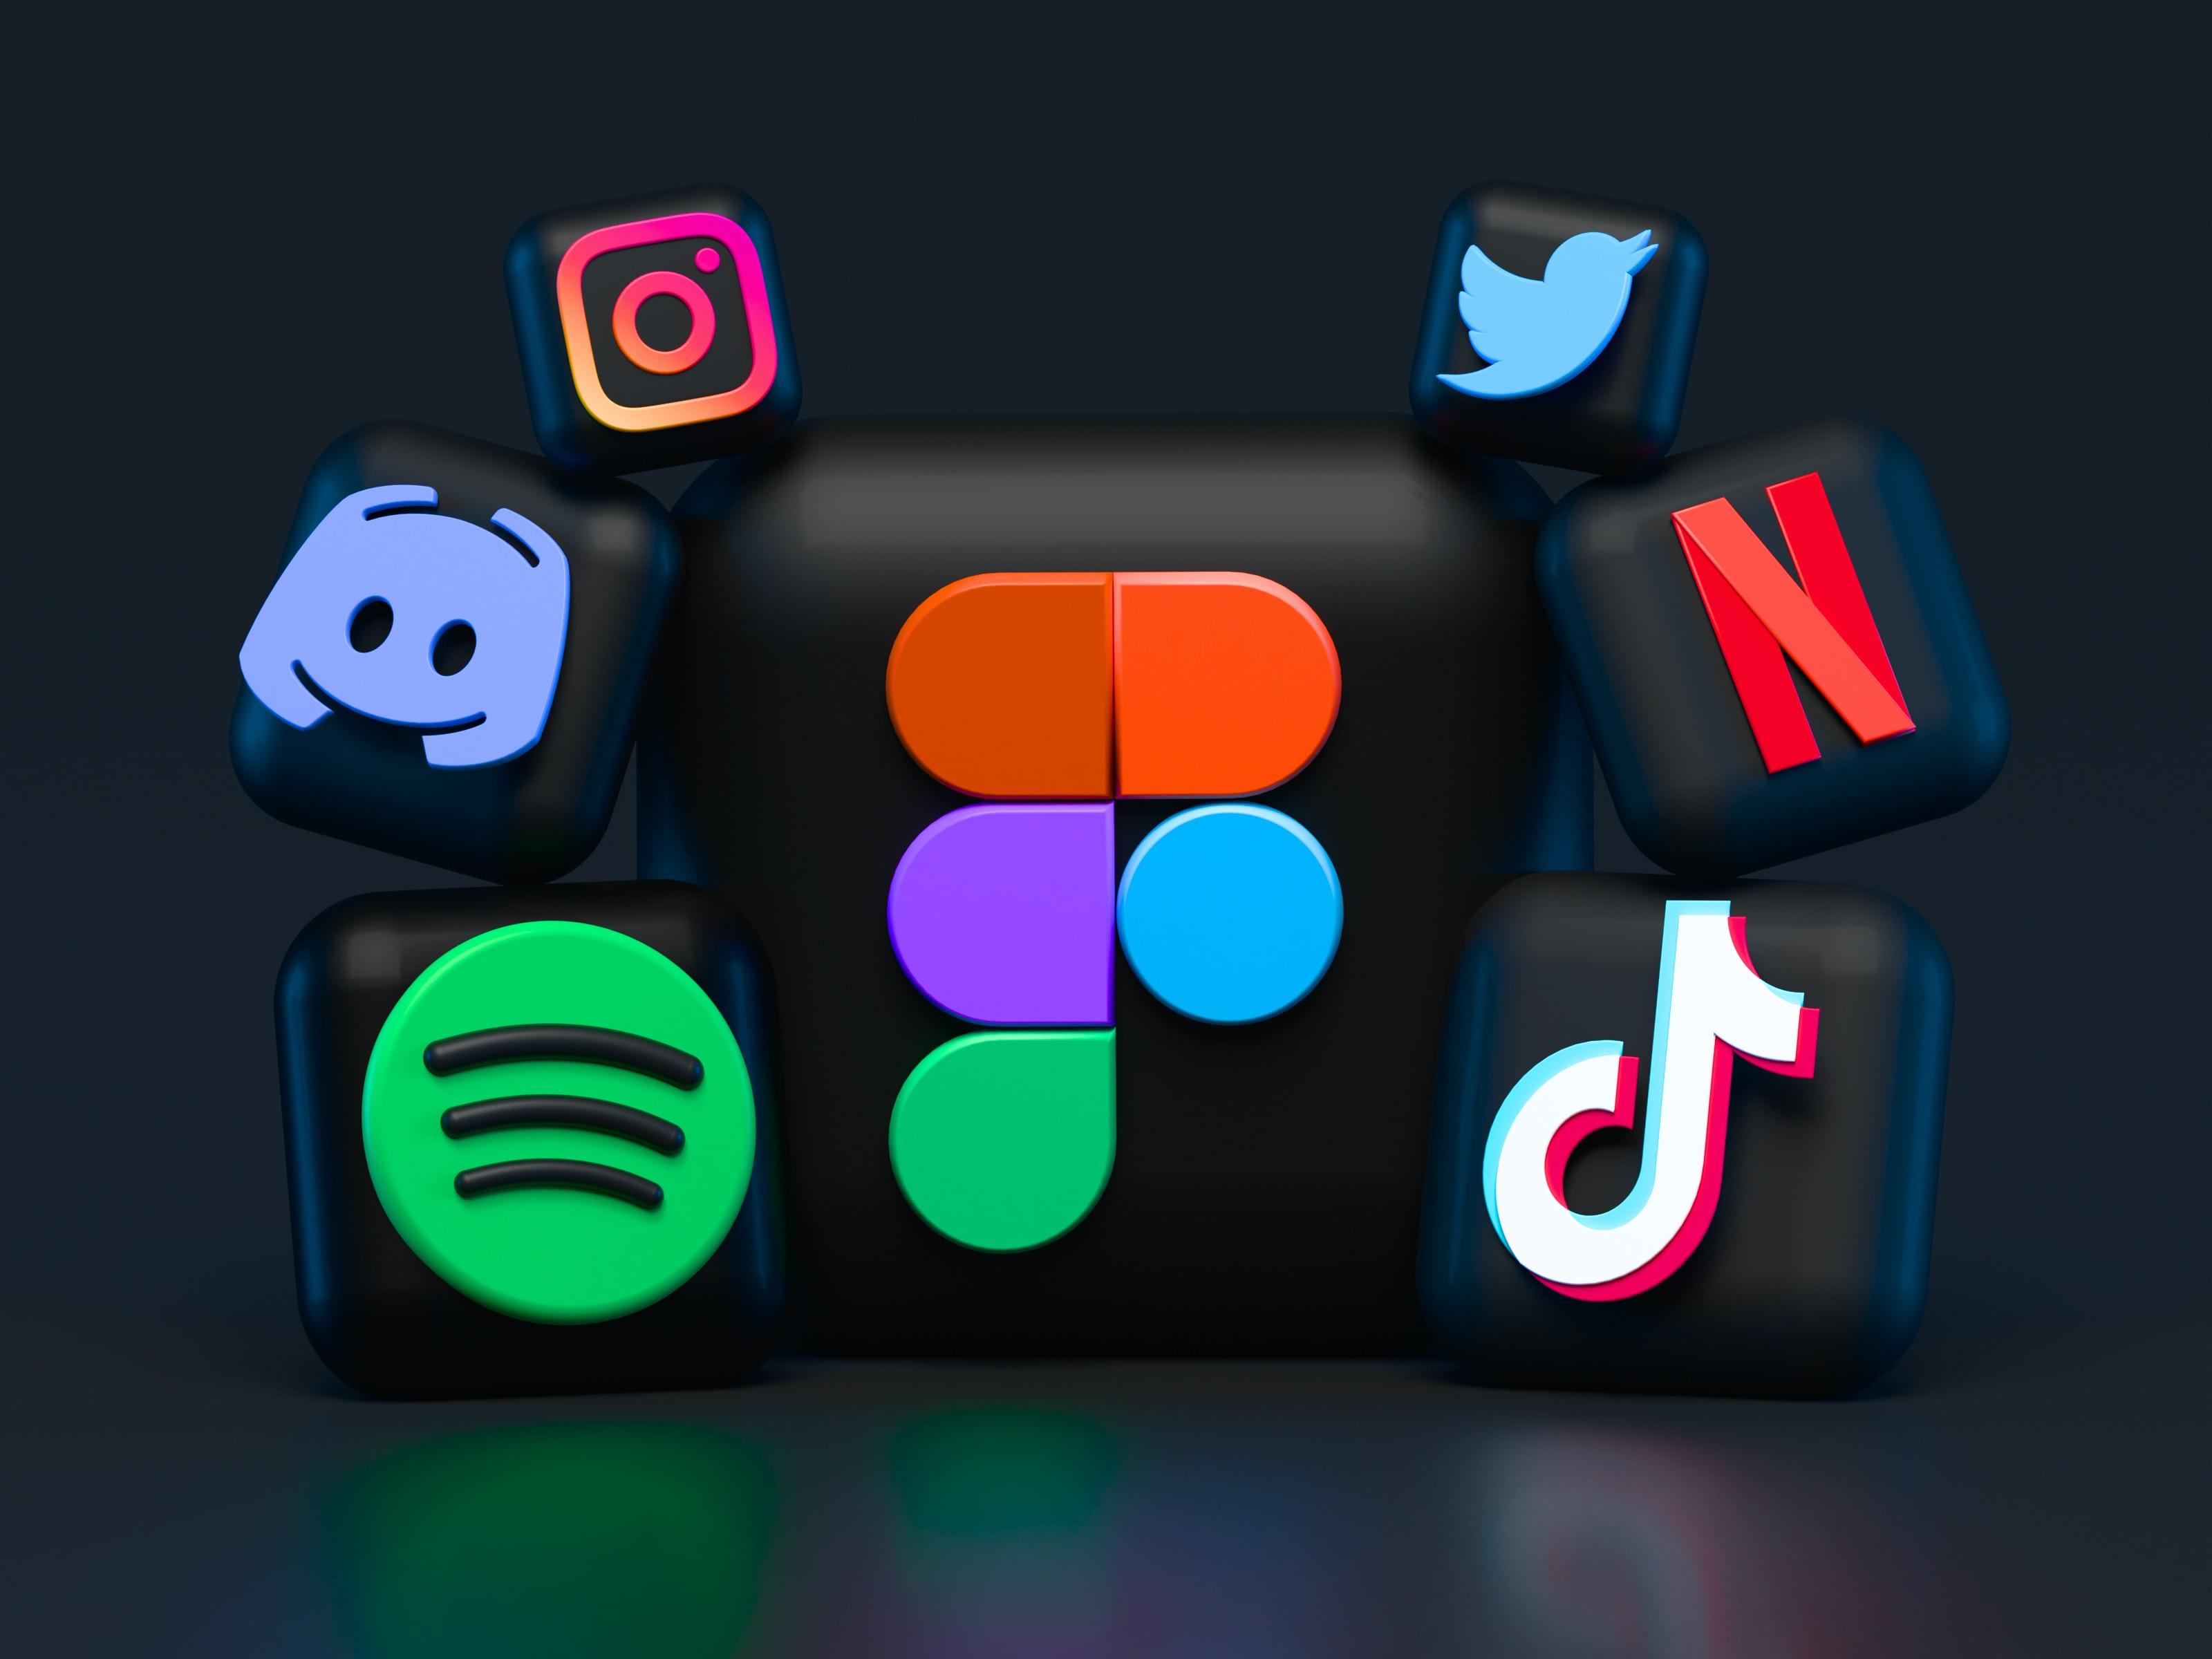 Social Media - unsplash